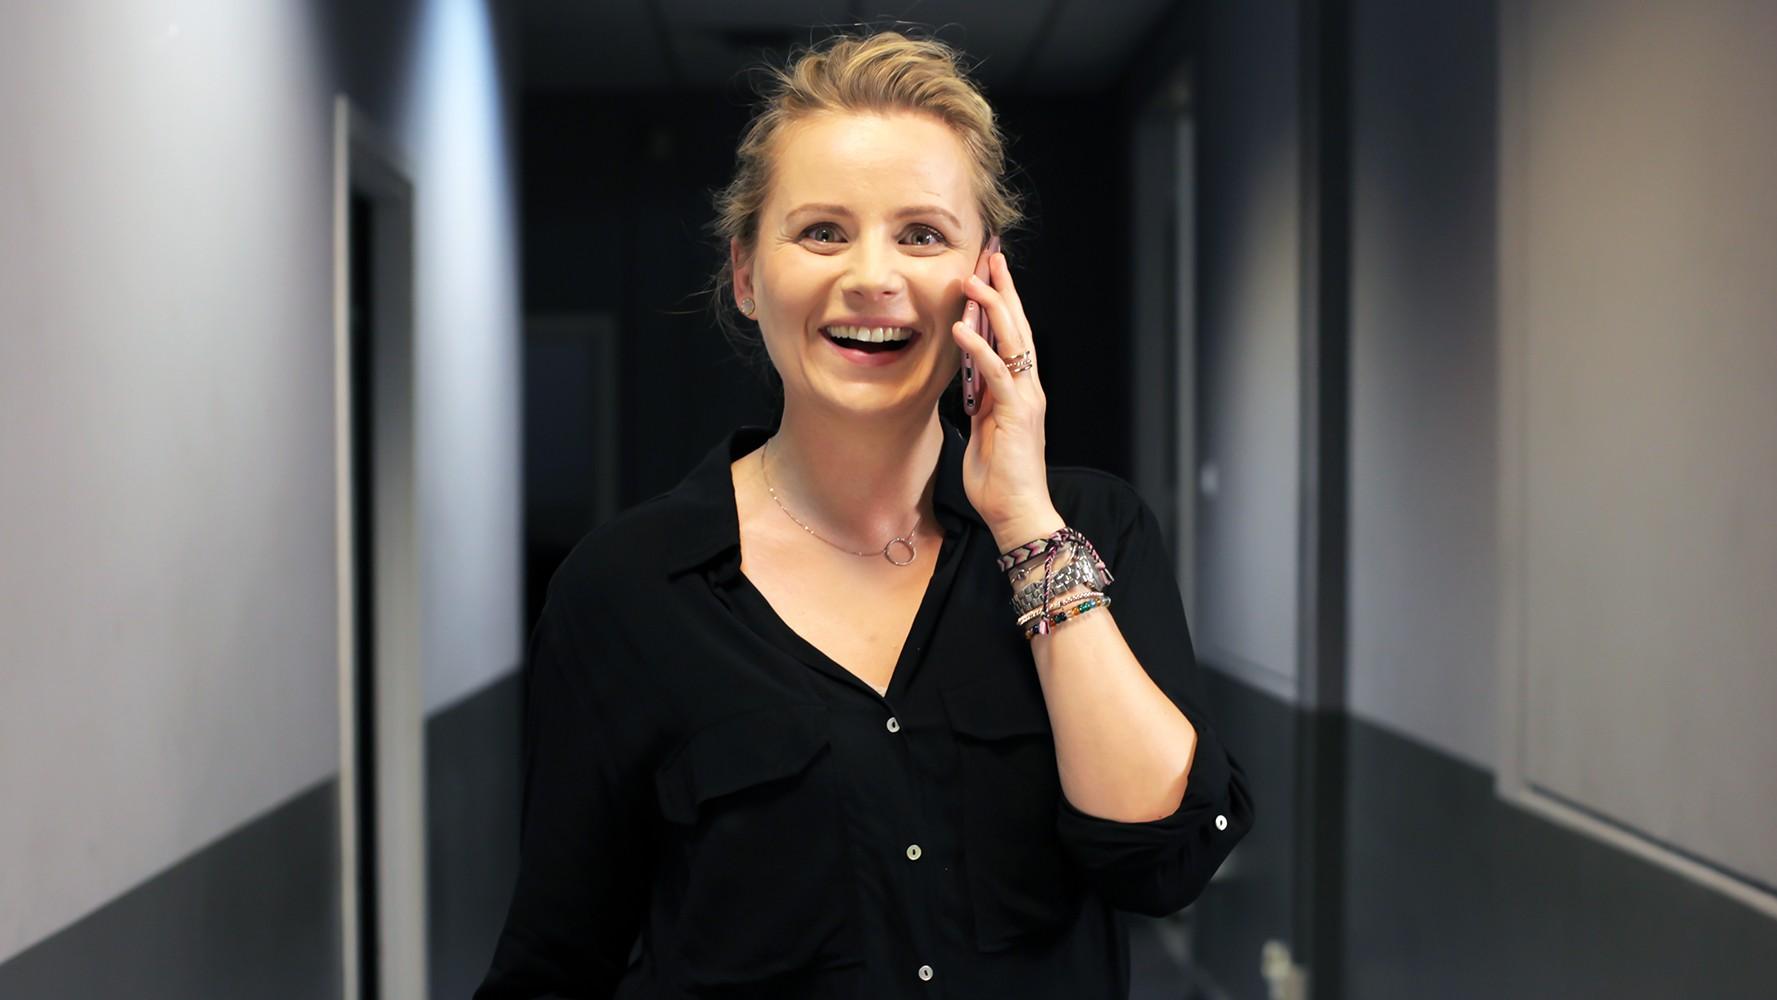 Komisarz Mama na planie drugiego sezonu zdradziła, że... - Polsat.pl